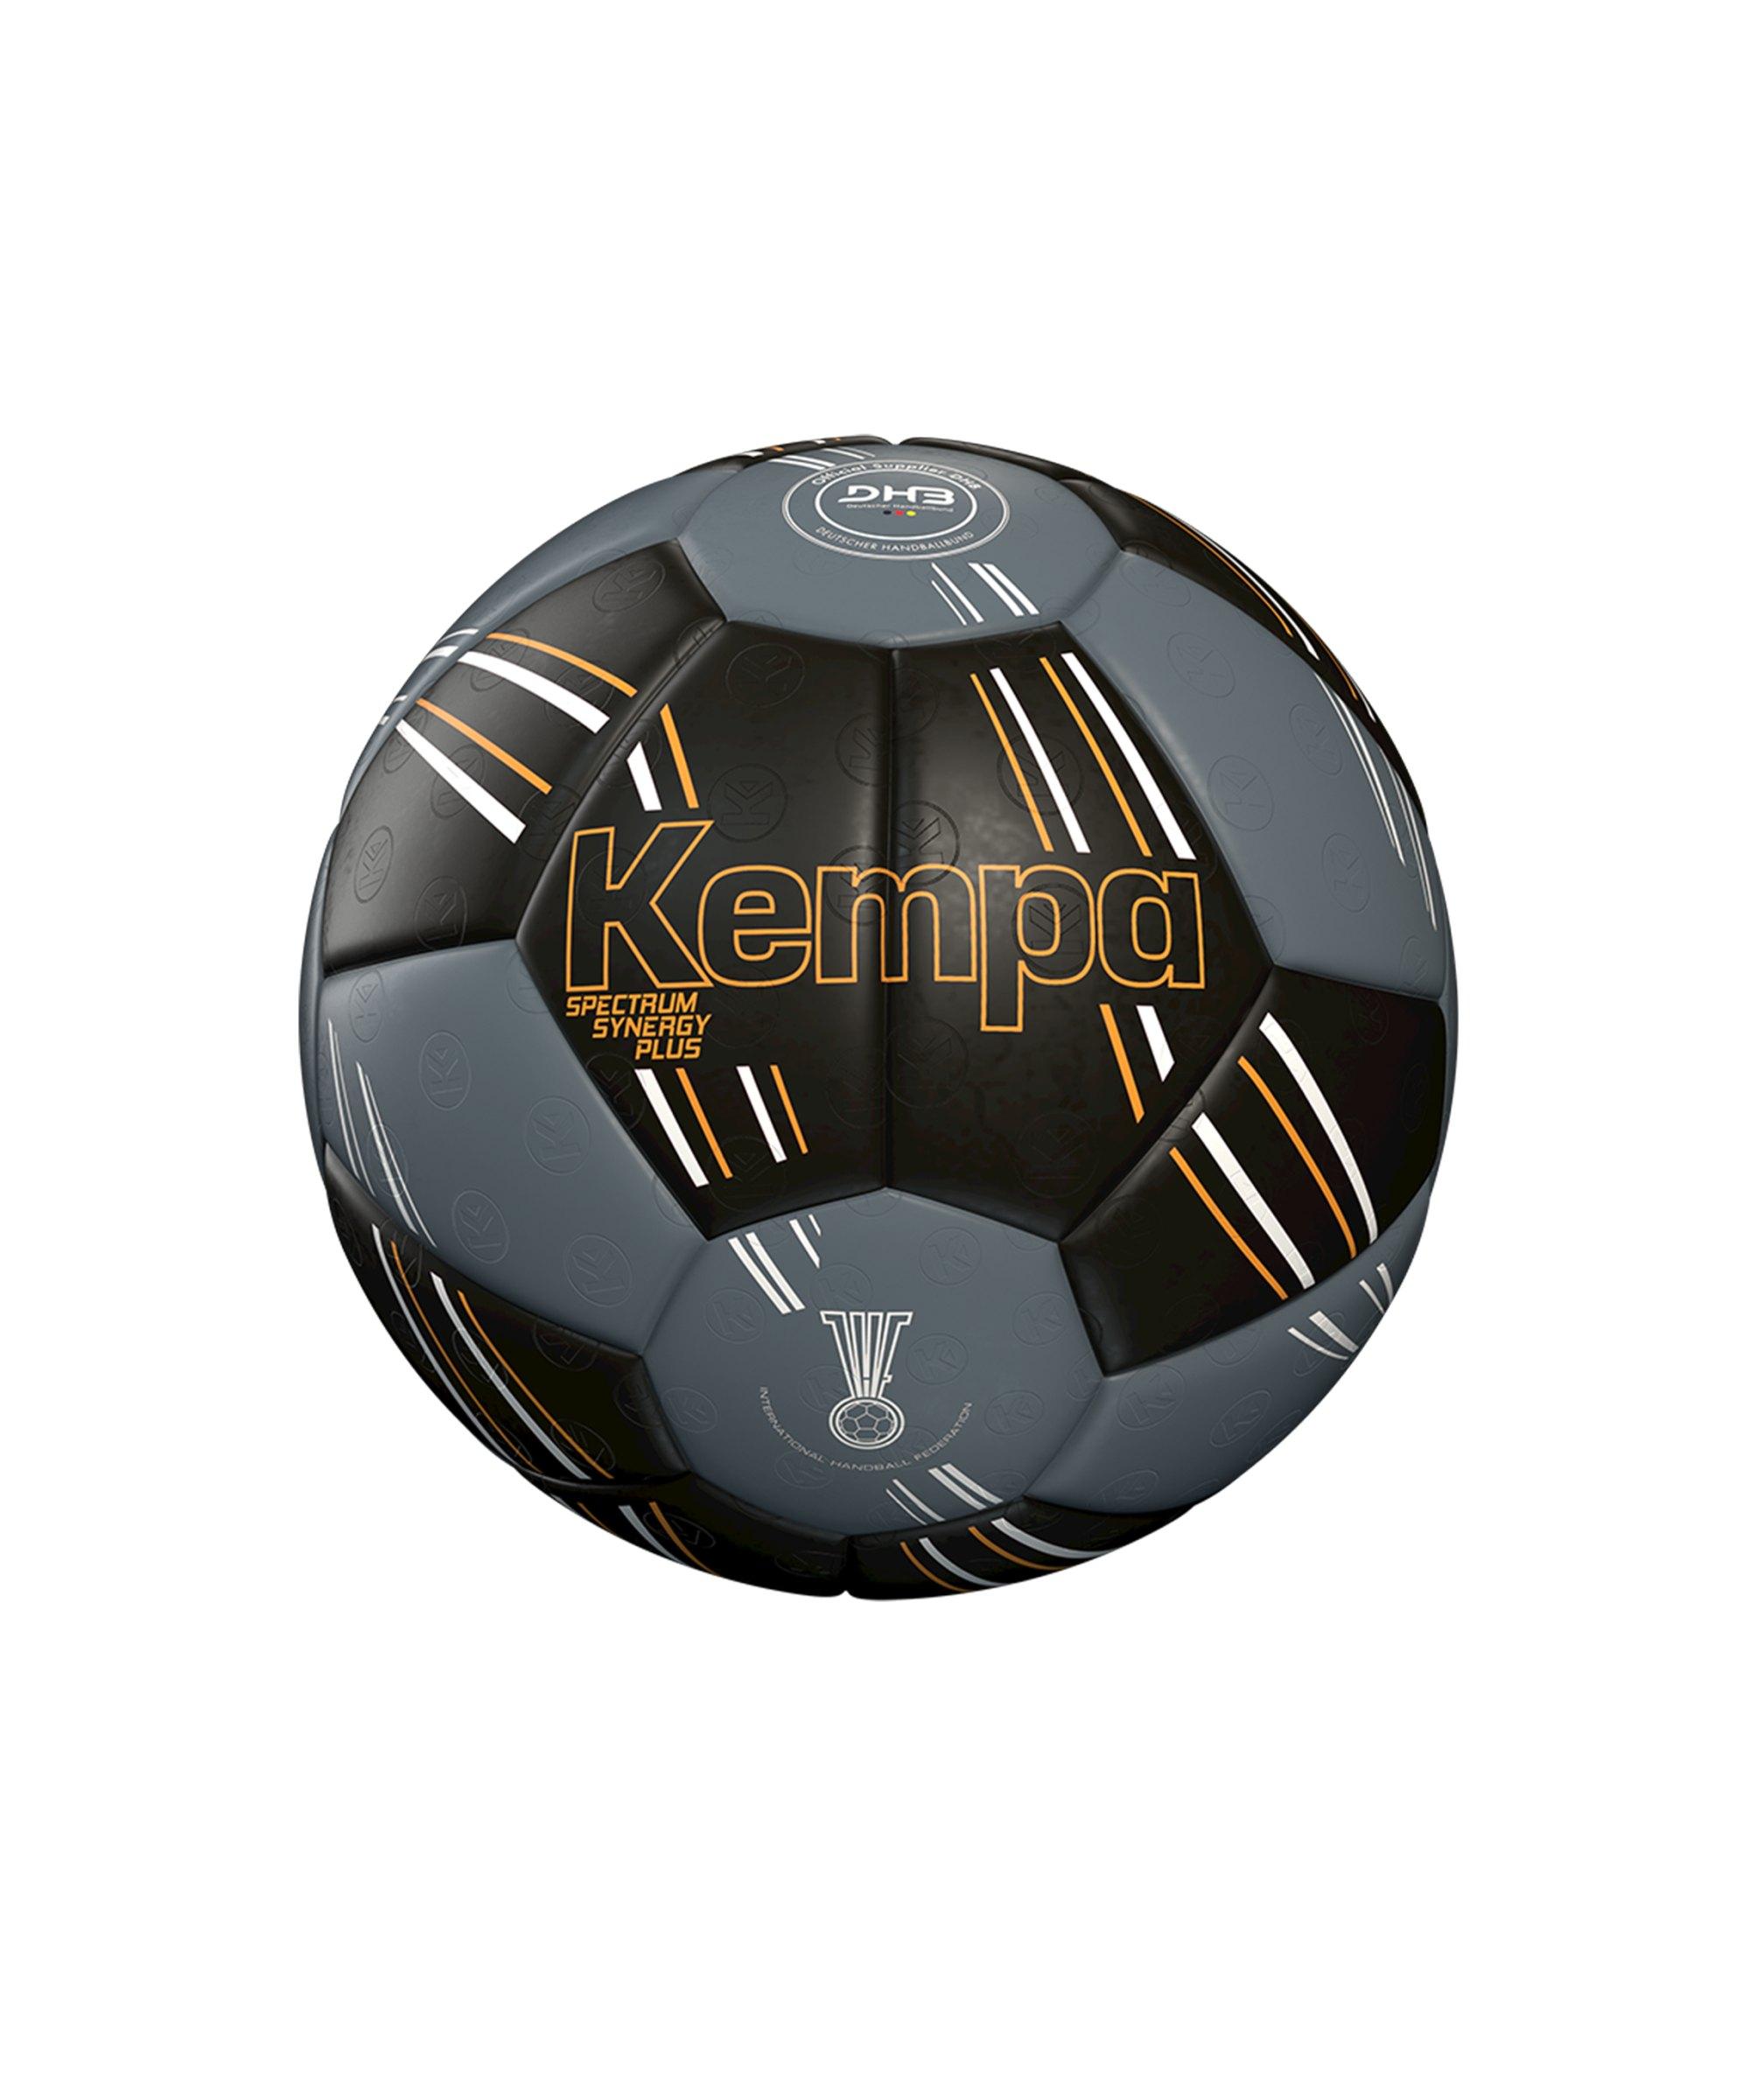 Kempa Spectrum Synergy Plus Handball Schwarz F01 - schwarz